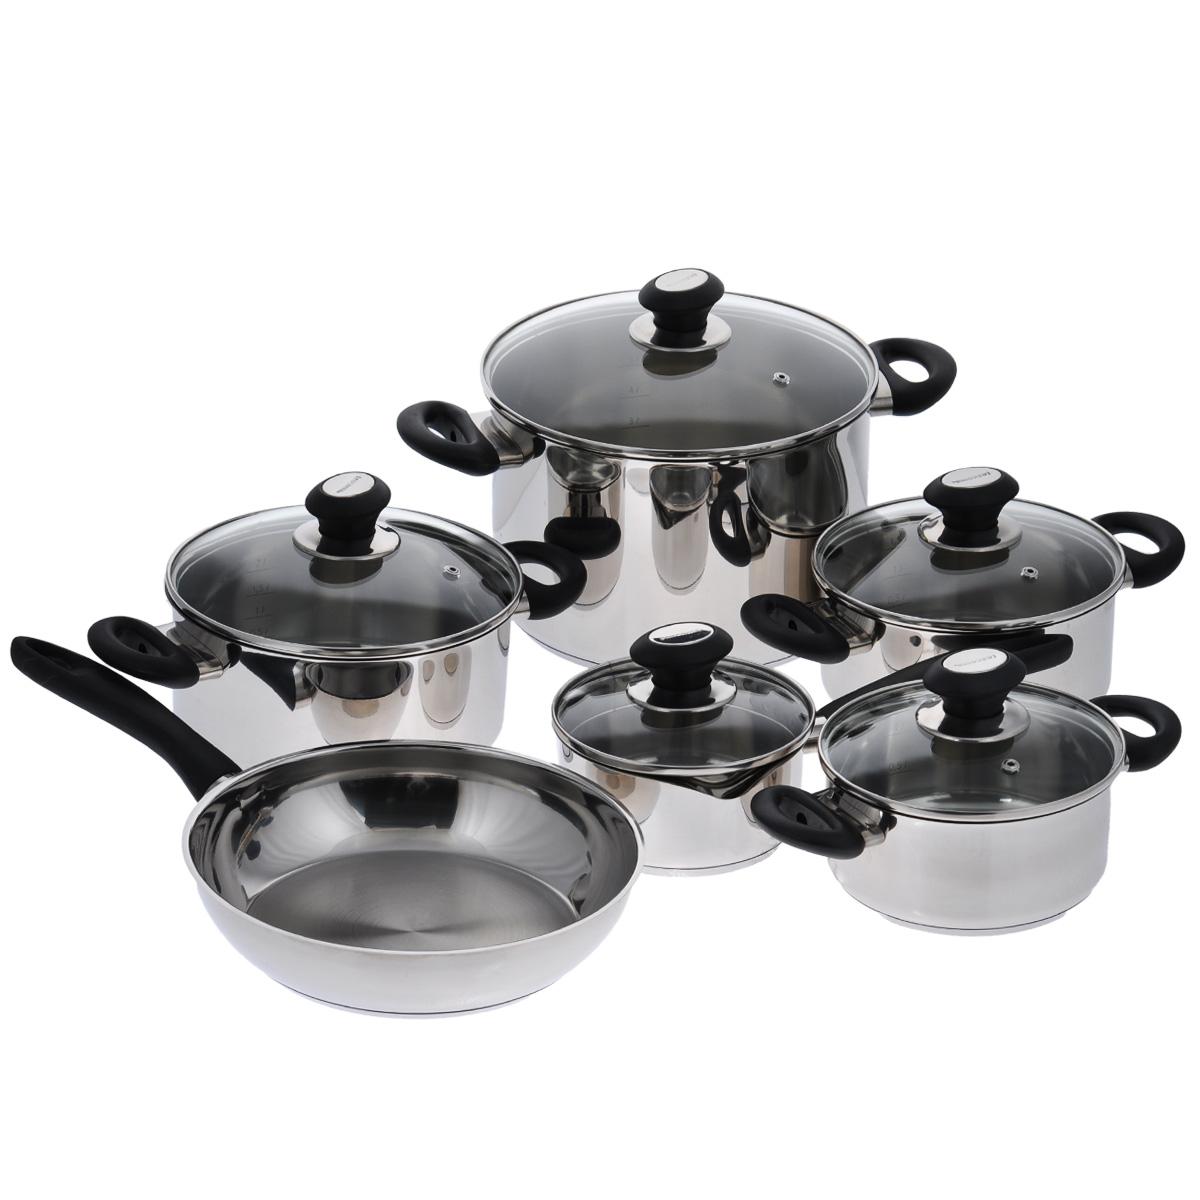 Набор посуды Tescoma Presto, 11 предметов391602Набор посуды Tescoma Presto состоит из 4 кастрюль с крышками, ковша с крышкой и сковороды. Изделия выполнены из первоклассной нержавеющей стали с зеркальной полировкой. Массивная конструкция посуды и идеальная обработка соответствуют самым высоким требованиям, предъявляемым к здоровому, удобному и экономному приготовлению.Изделия снабжены экстра толстым многослойным дном. Тепло с плиты передается вовнутрь посуды постепенно, без скачков и равномерно по целой площади дна - температура внутри посуды не меняется. Это упрощает варку и запекание, можно готовить с ограниченным количеством жира и без пригорания. Многослойное дно обладает замечательными термоаккумуляционными свойствами, которые помогают экономить энергию. Плиту и духовку можно выключить заранее перед окончанием приготовления, которое проходит и при низкой мощности плиты. Блюда, оставленные в посуде, дольше сохраняют свою температуру. Изделия снабжены эргономичными ручками из прочной пластмассы, которые при правильном обращении не обжигают руки. Крышки из стекла и нержавеющей стали способствуют идеальному контролю за приготовлением. Посуда имеет шкалу литража для удобного отмеривания. Ковш с обеих сторон оснащен носиками, а крышка имеет отверстия двух размеров для удобного процеживания. Посуда серии Presto соответствует всем требованиям к посуде для интенсивного и длительного использования. Внешняя и внутренняя обработка поверхности гарантирует элегантный внешний вид, а также простое и быстрое мытье.Посуда пригодна для газовых, электрических, стеклокерамических, индукционных плит. Можно мыть в посудомоечной машине.